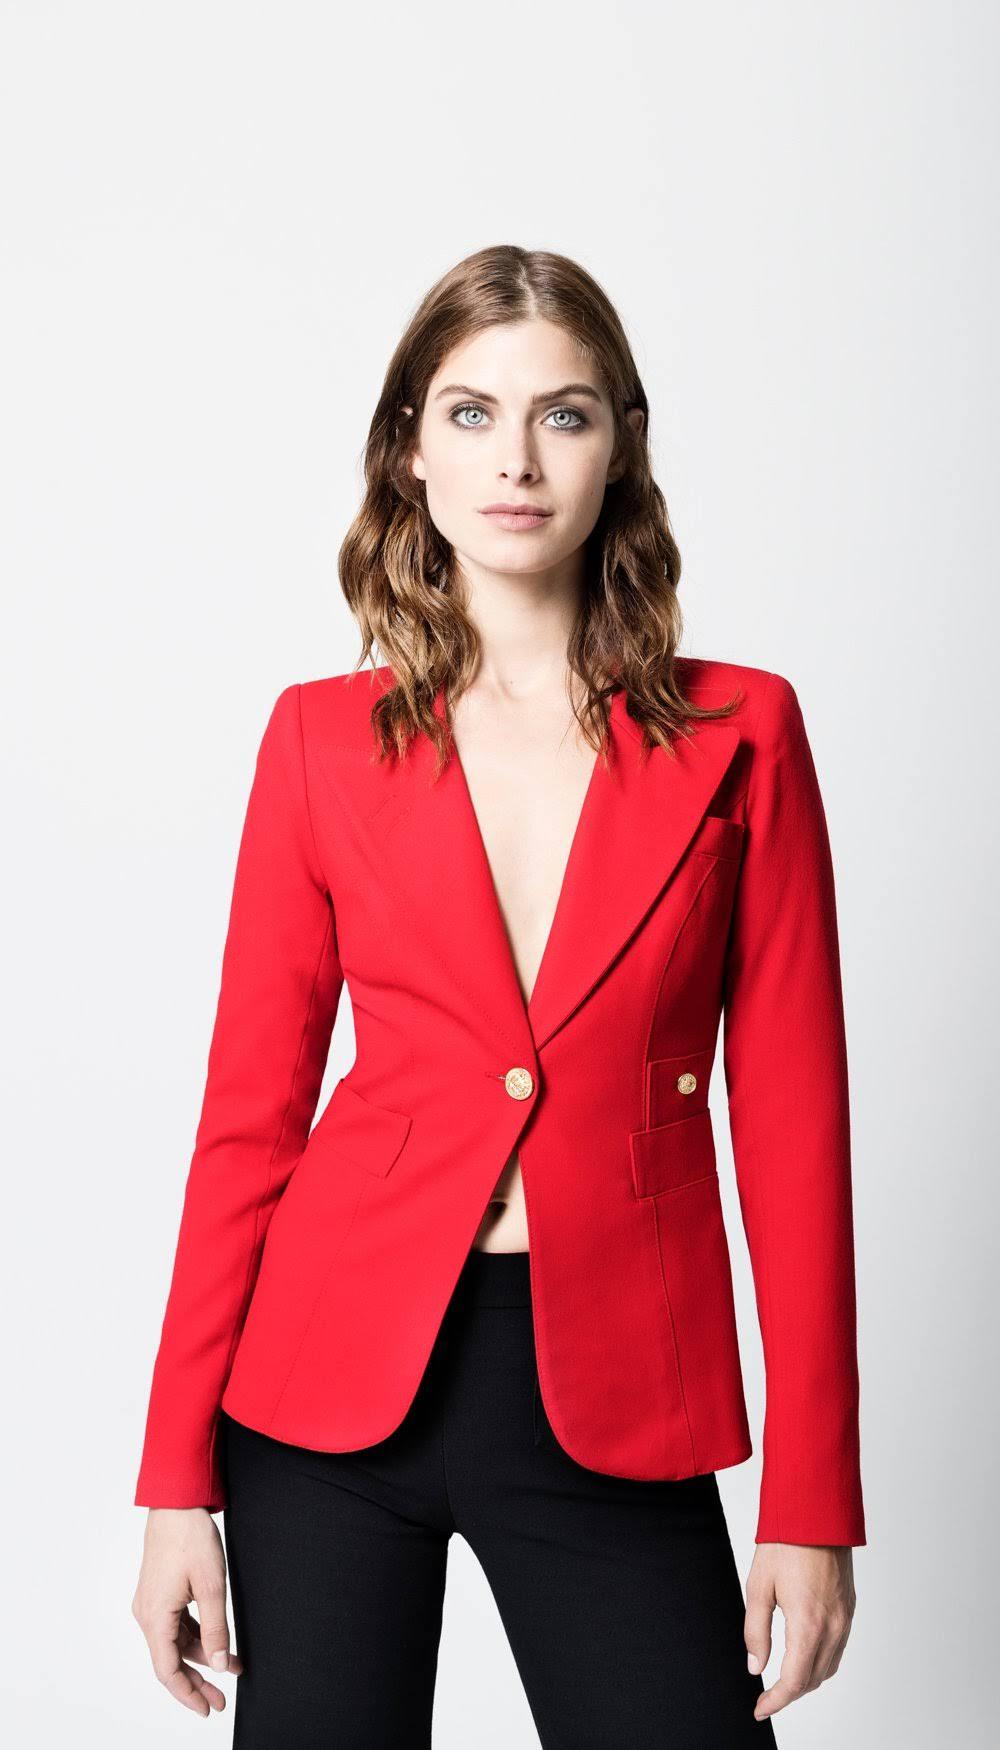 Duchess Shopsmythe Red Blazer In 14 Smythe H7pqO7Y